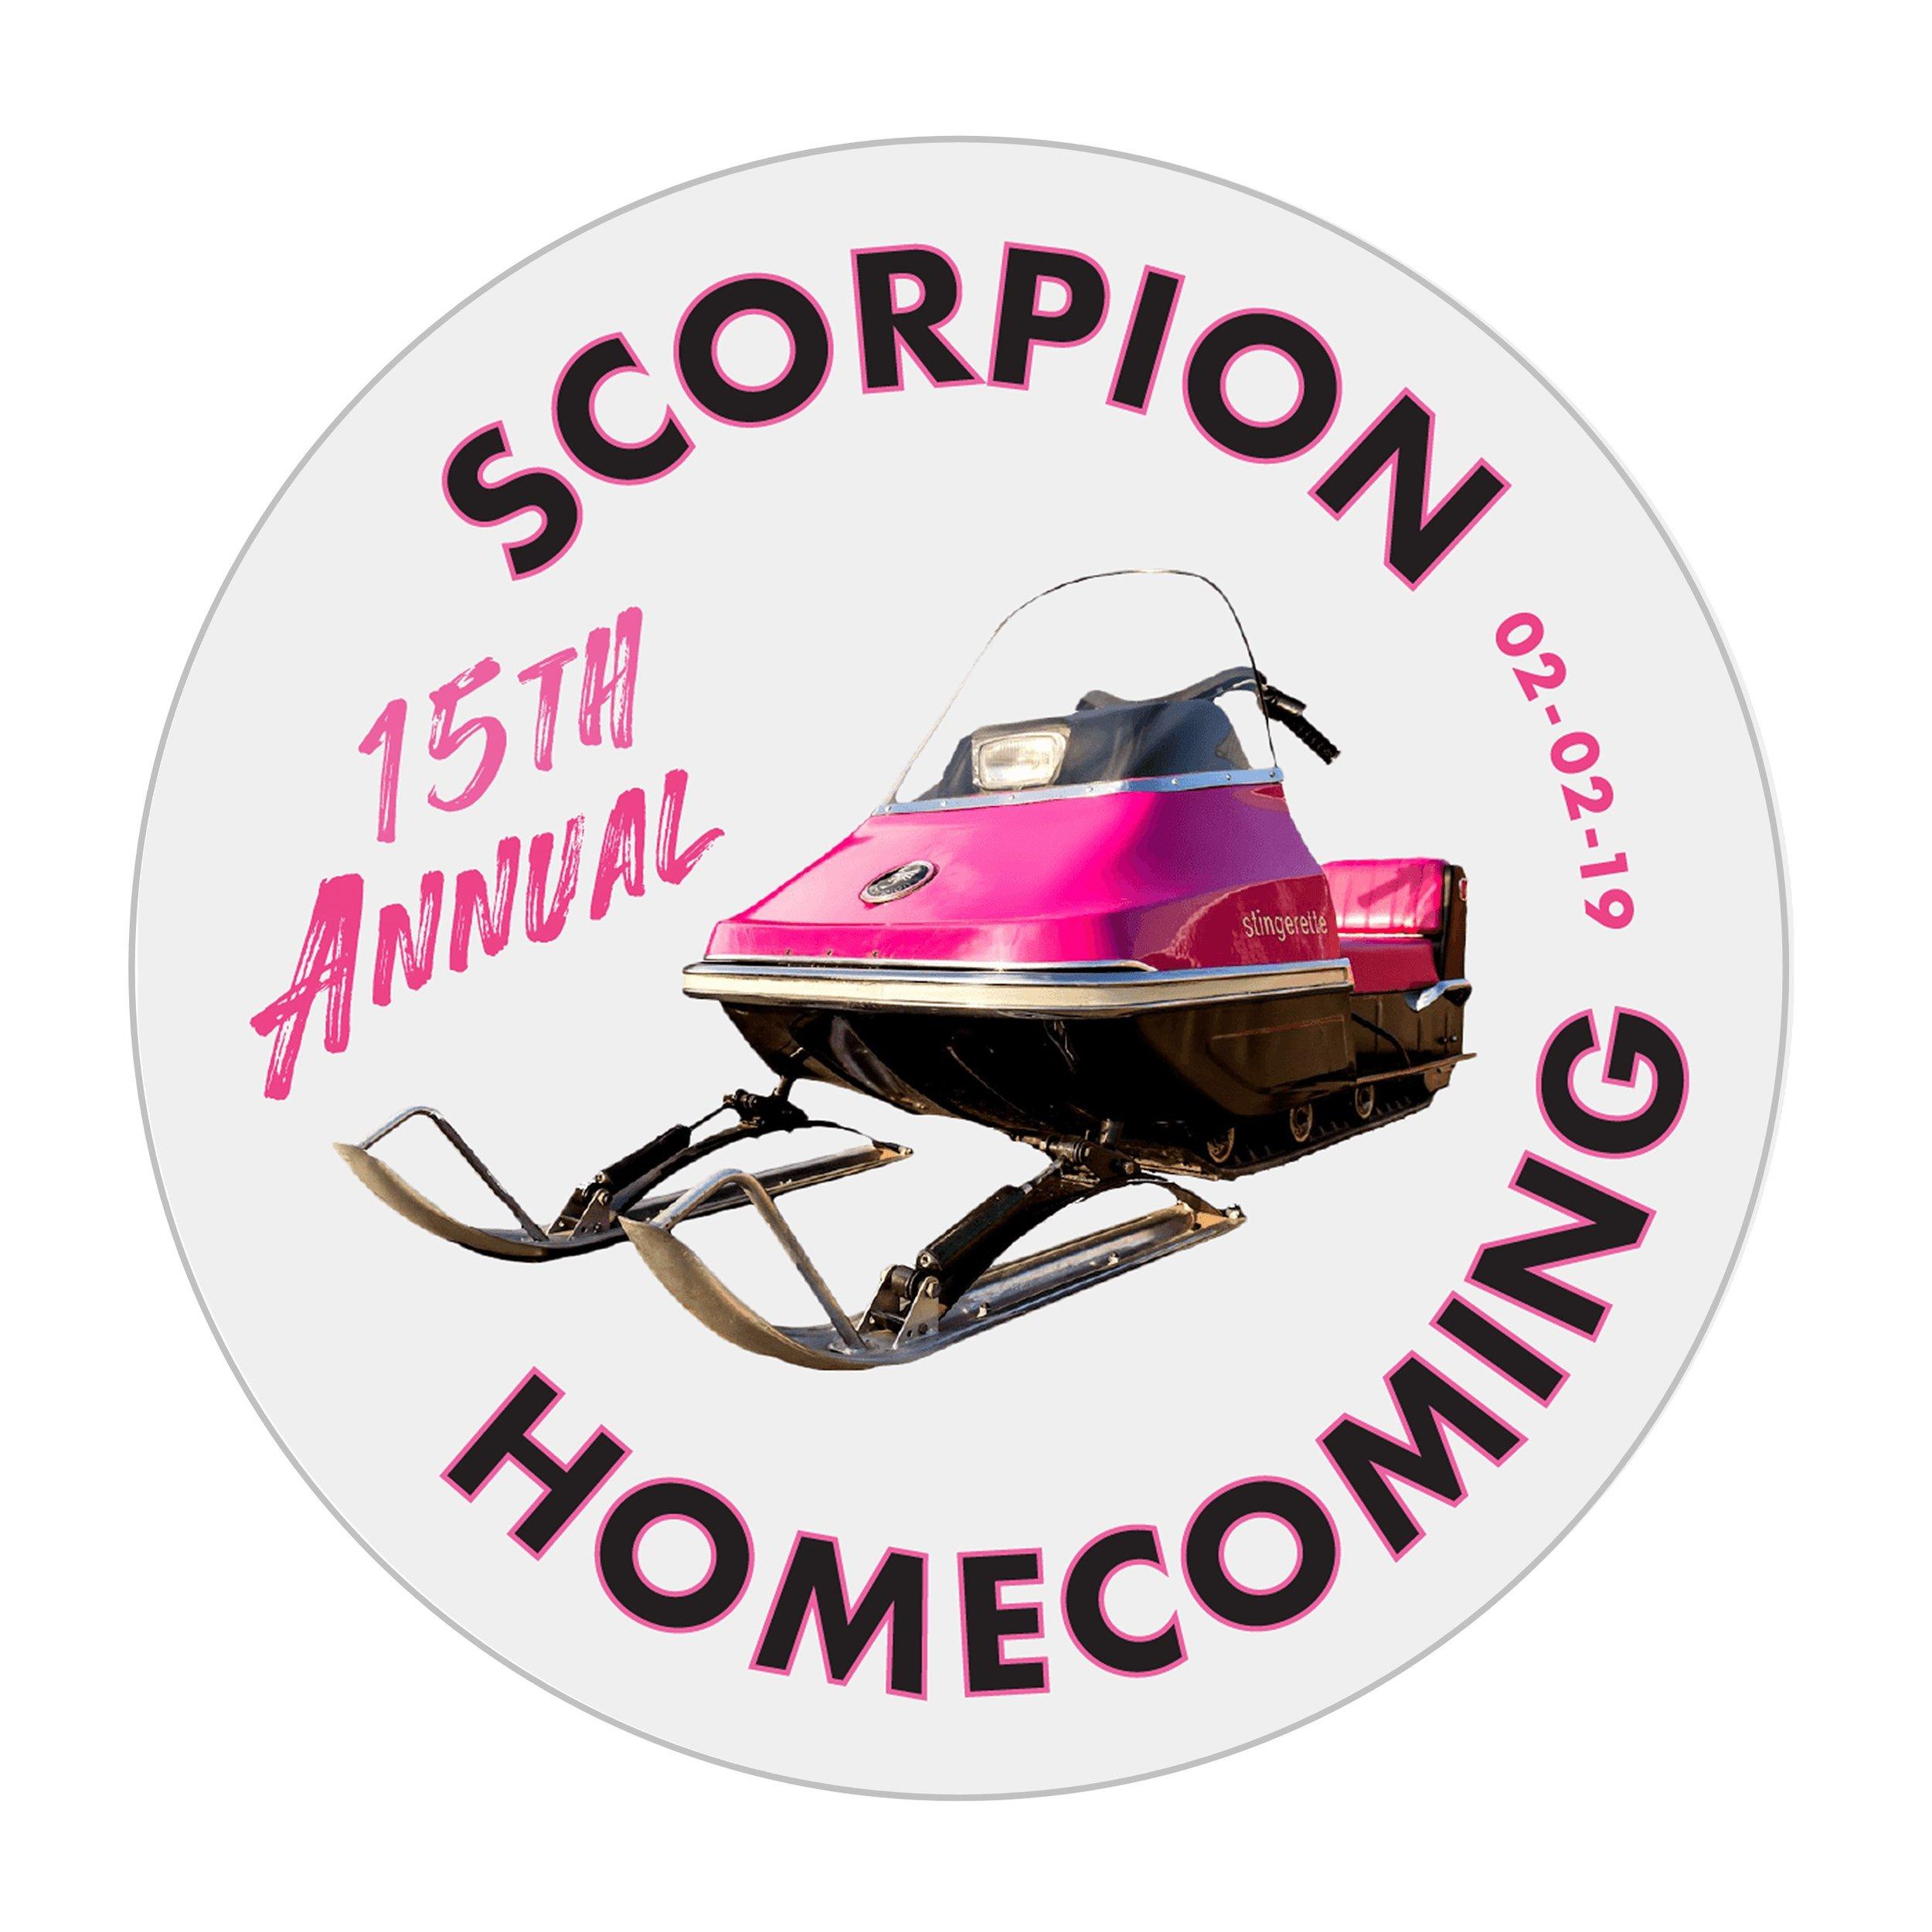 scorpion_button2019-2800x2800 RRH.jpg